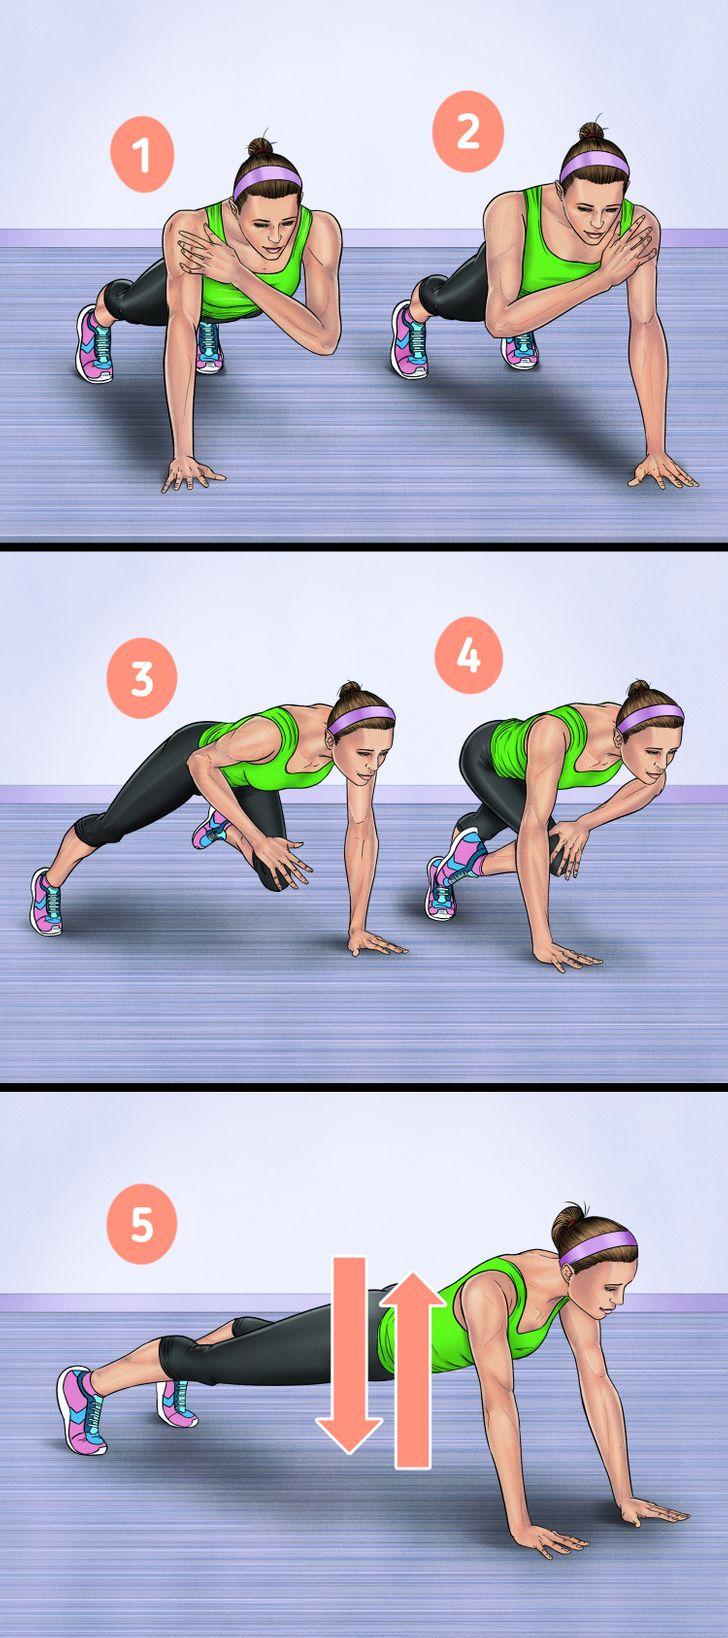 3. Korsa axlar och knän